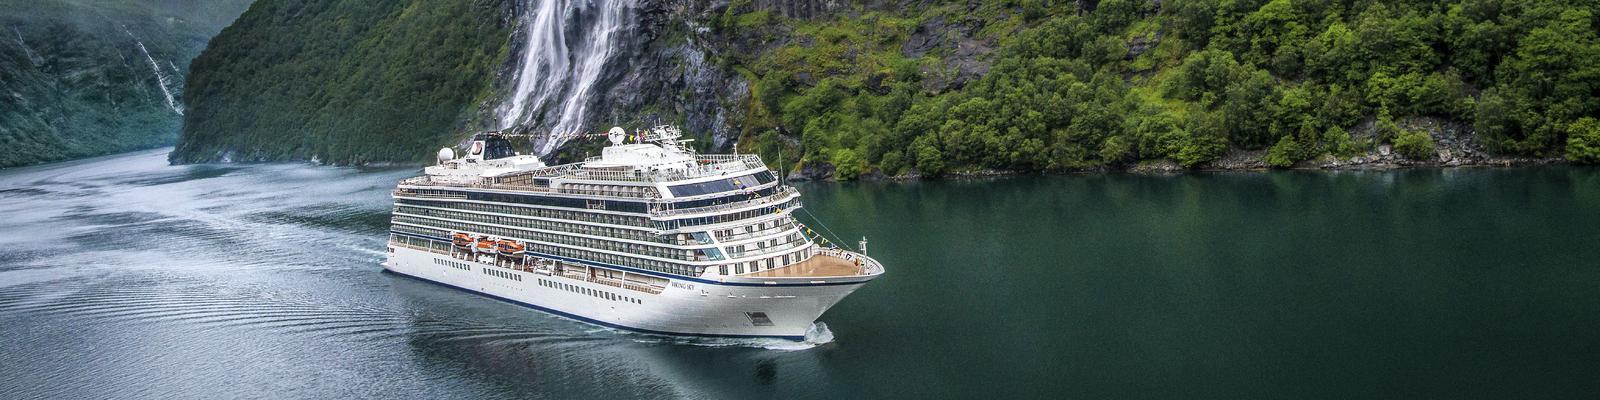 Viking Jupiter (Photo: Viking Ocean Cruises)